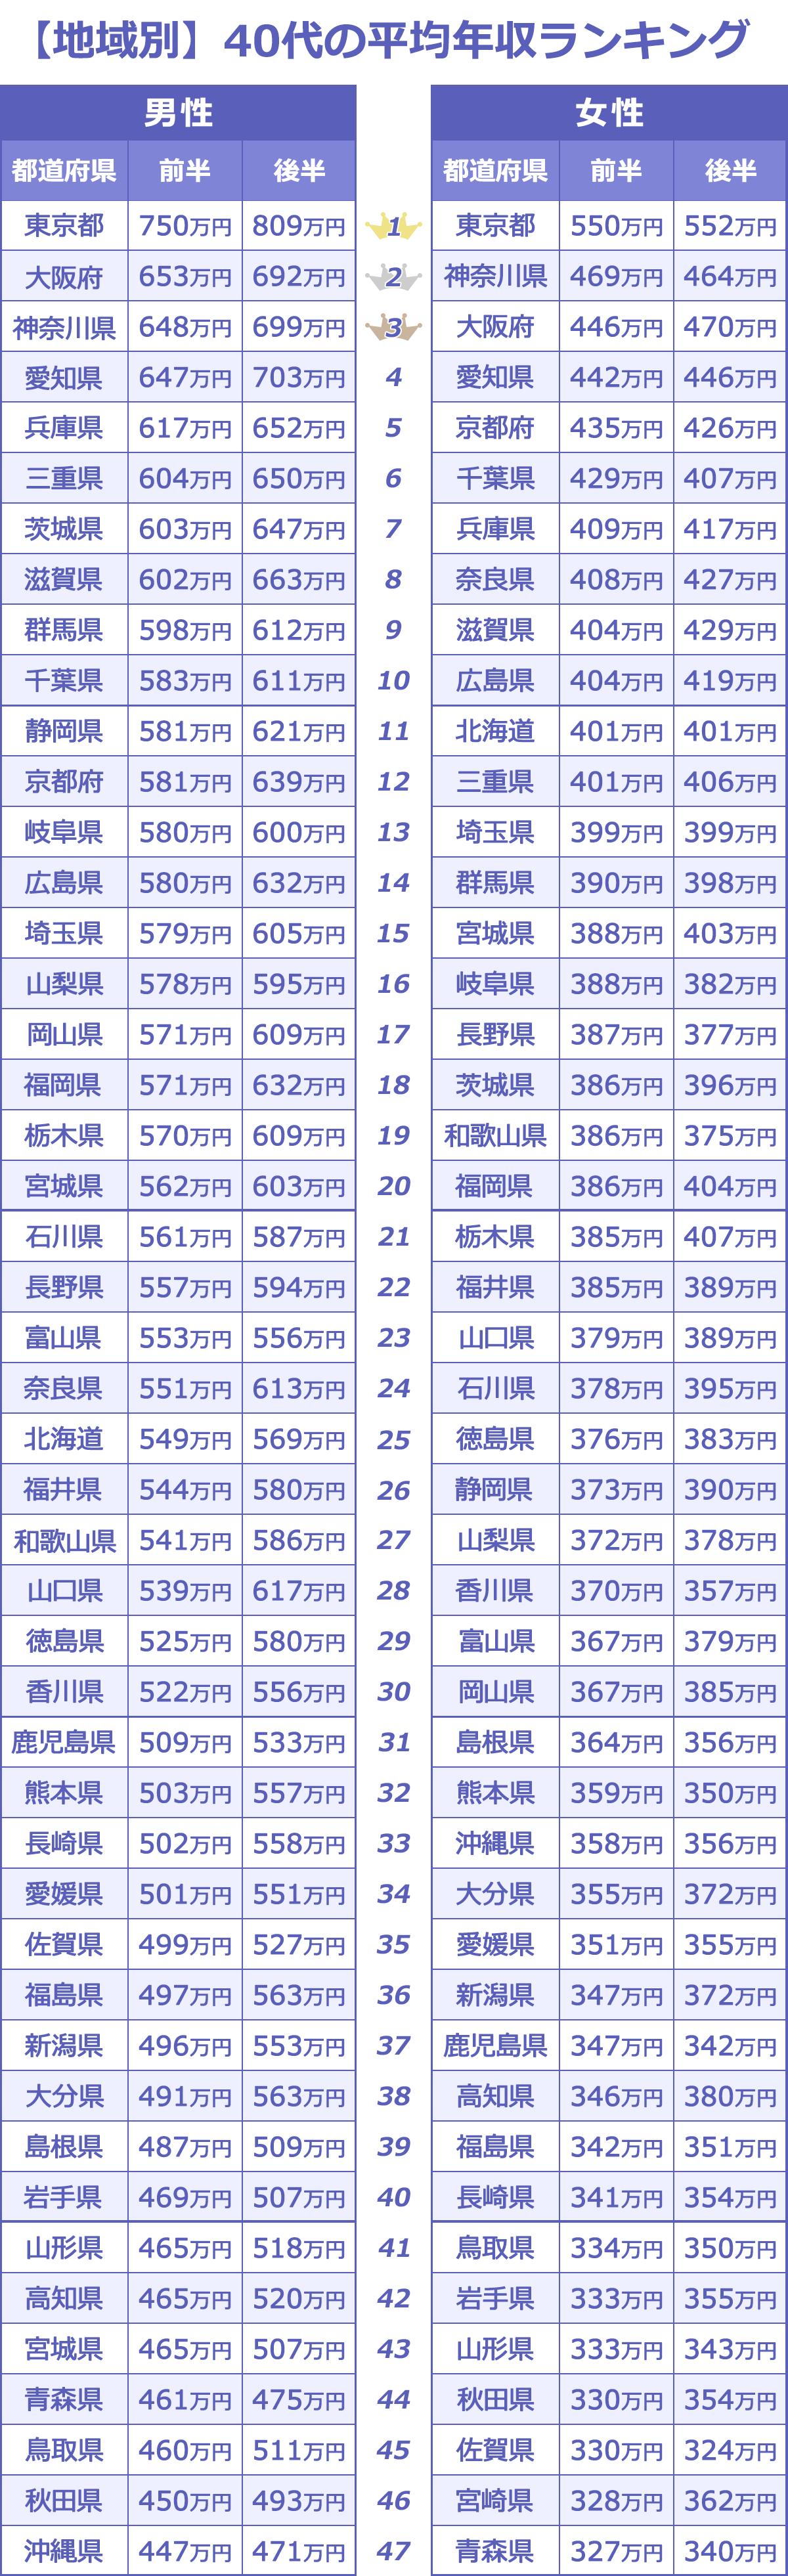 【地域別】40代の平均年収ランキング表。男性は、1位が東京都(40代前半750万円/40代後半809万円)、2位が大阪府(40代前半653万円/40代後半692万円)、3位が神奈川県(40代前半648万円/40代後半699万円)。女性は、1位が東京都(40代前半550万円/40代後半552万円)、2位が神奈川県(40代前半469万円/40代後半464万円)、3位が大阪府(40代前半446万円/40代後半470万円)。